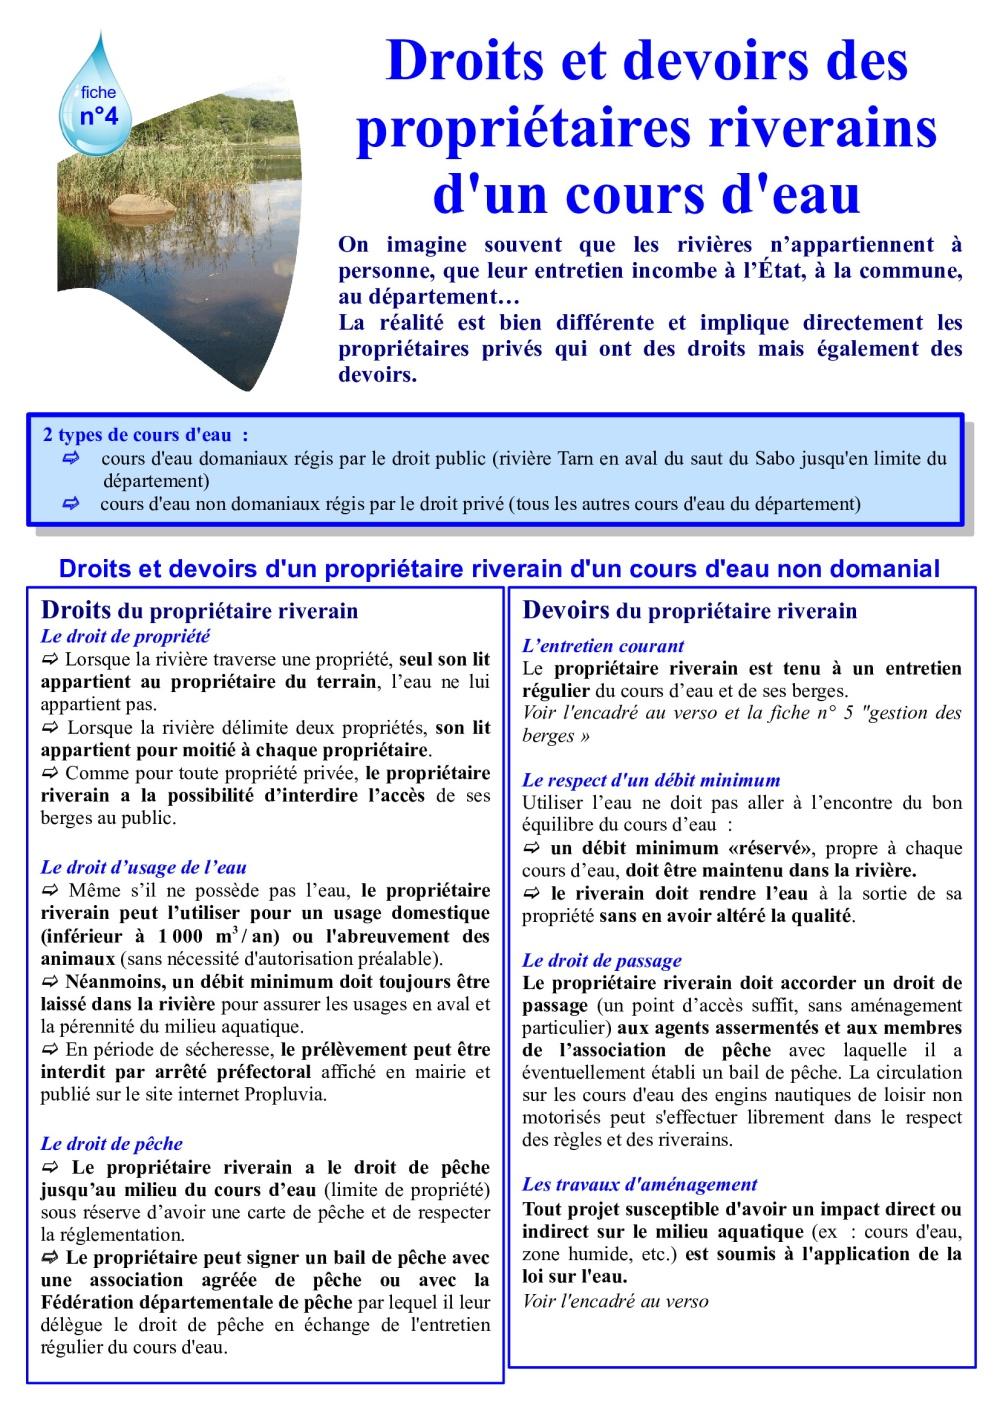 Droits et devoirs des propriétaires riverains-1